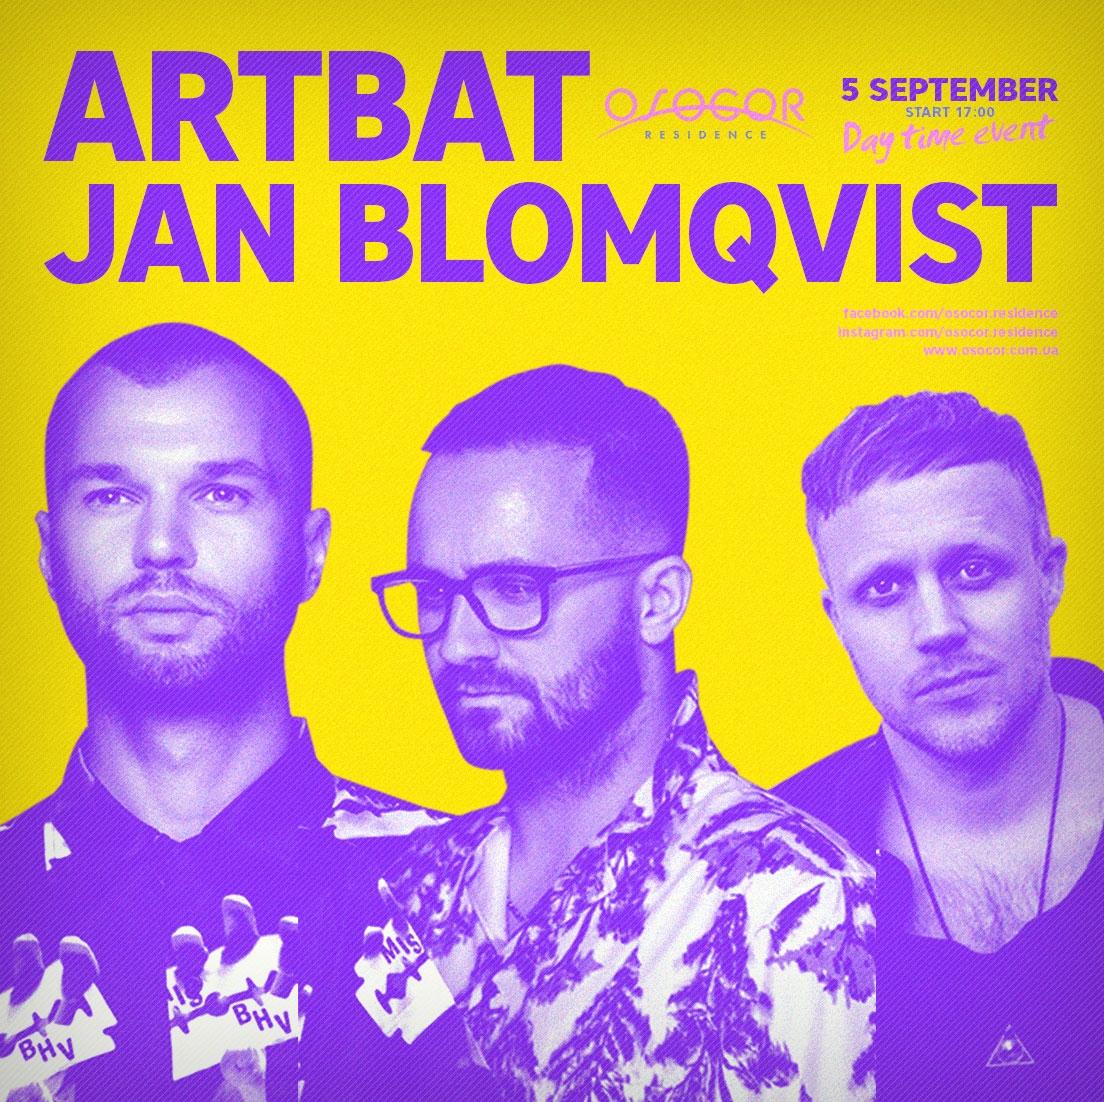 ARTBAT и Jan Blomqvist в Киеве: встречайте самую ожидаемую вечеринку этого сезона! - фото №1